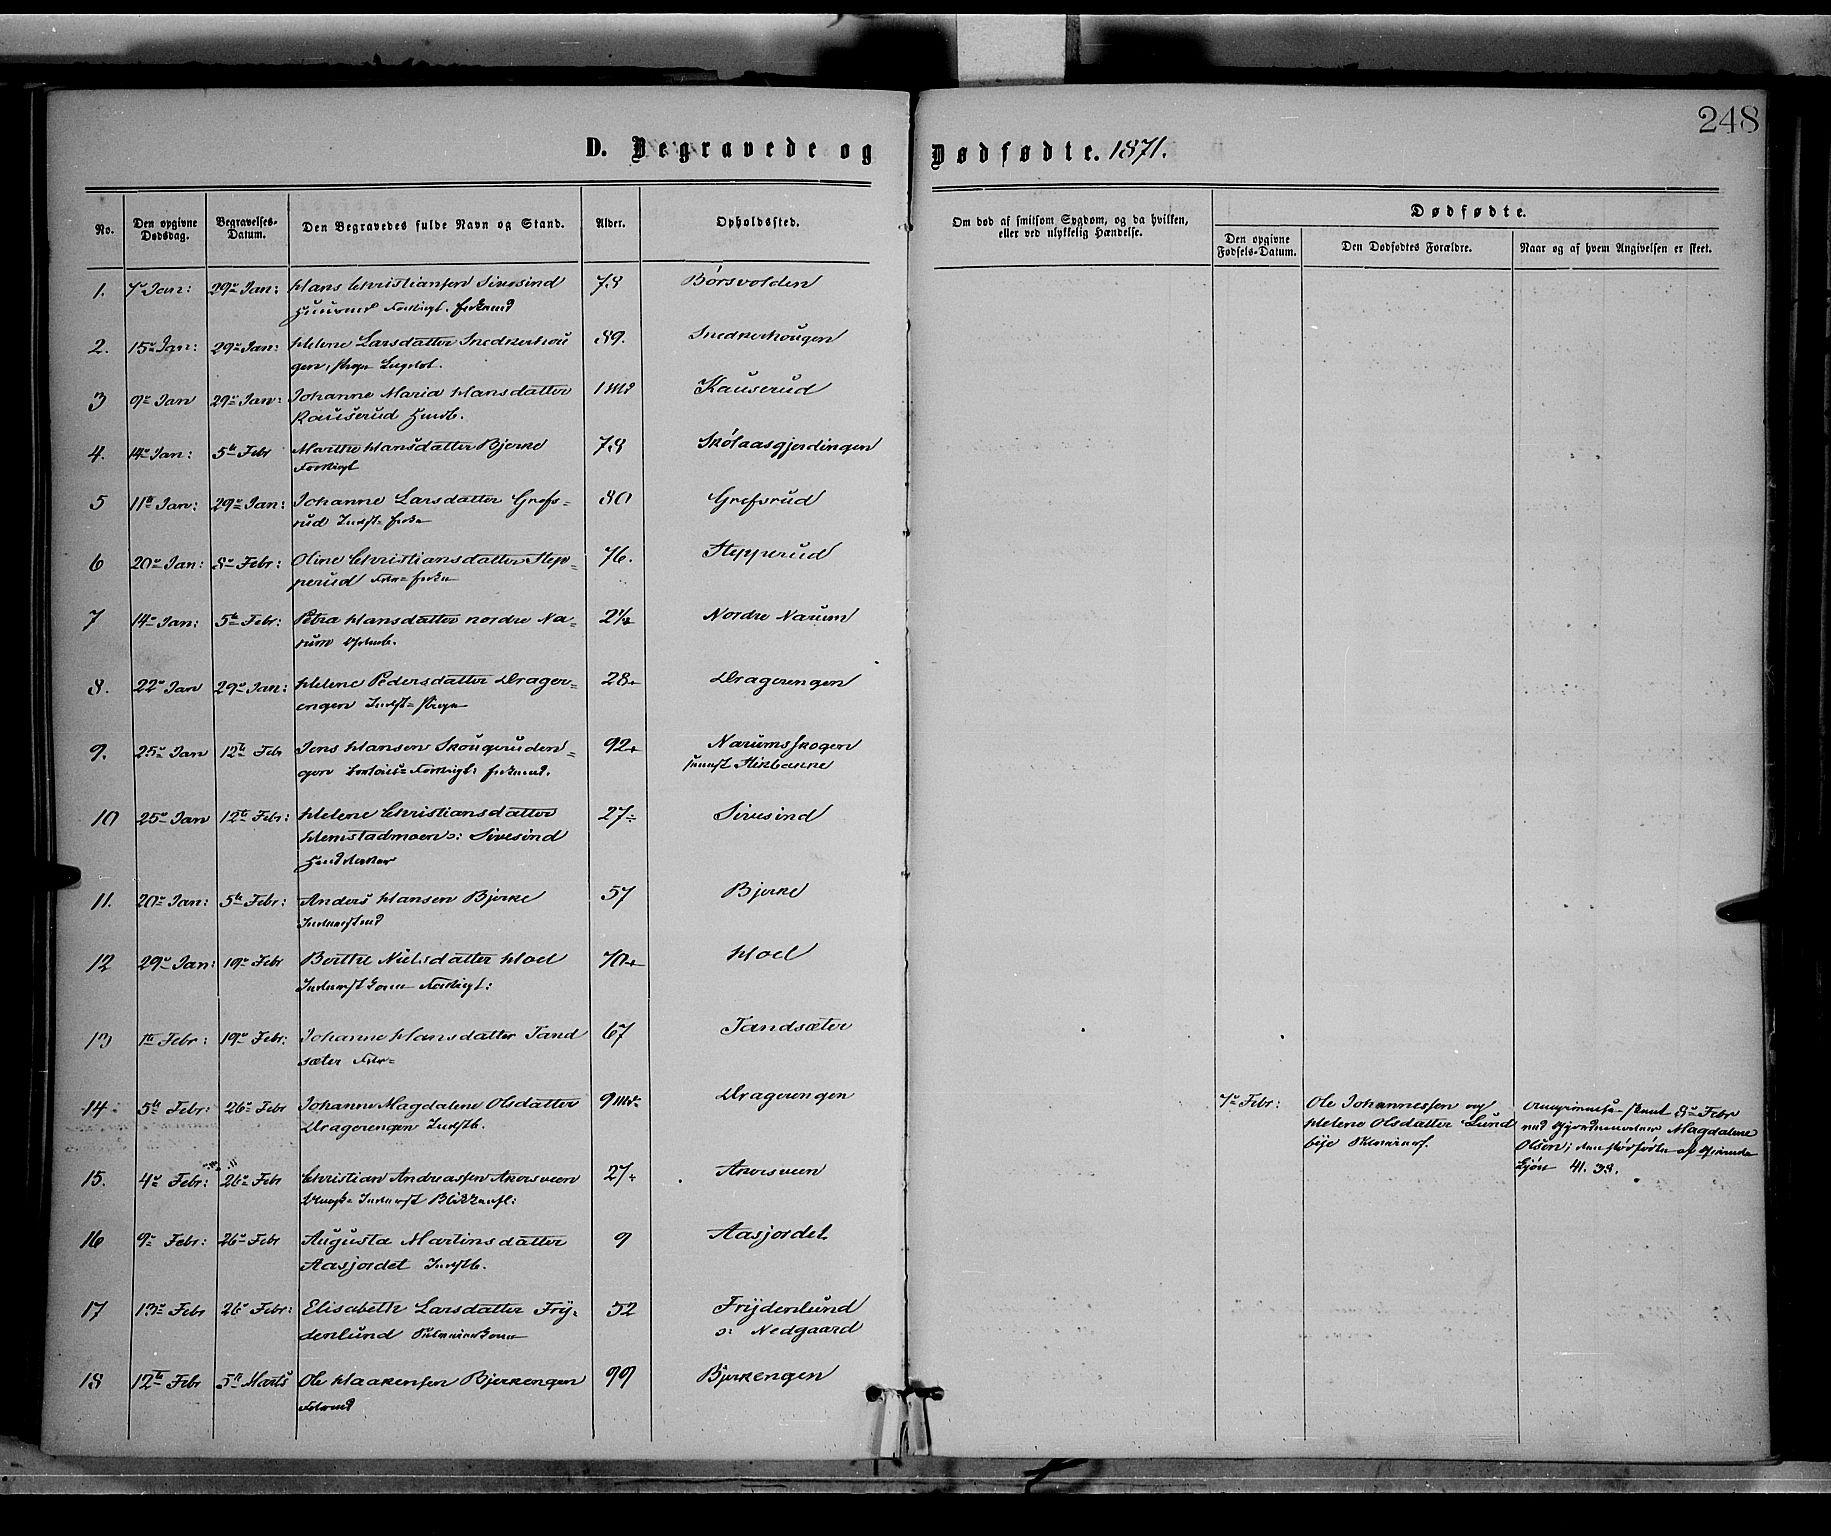 SAH, Vestre Toten prestekontor, Ministerialbok nr. 8, 1870-1877, s. 248